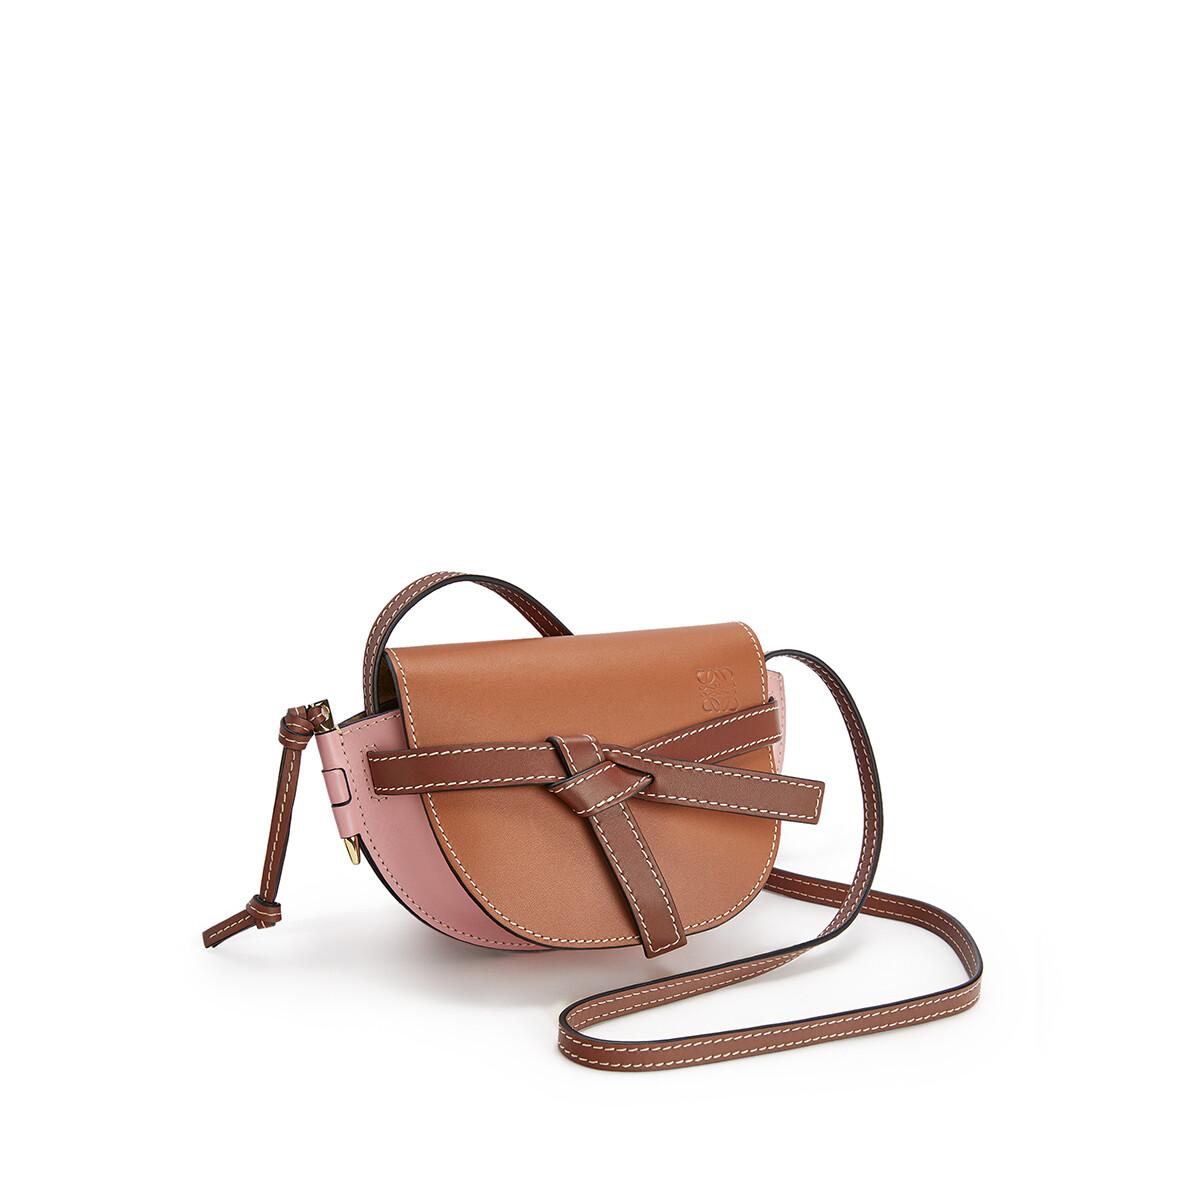 LOEWE Gate Mini Bag Tan/Medium Pink front